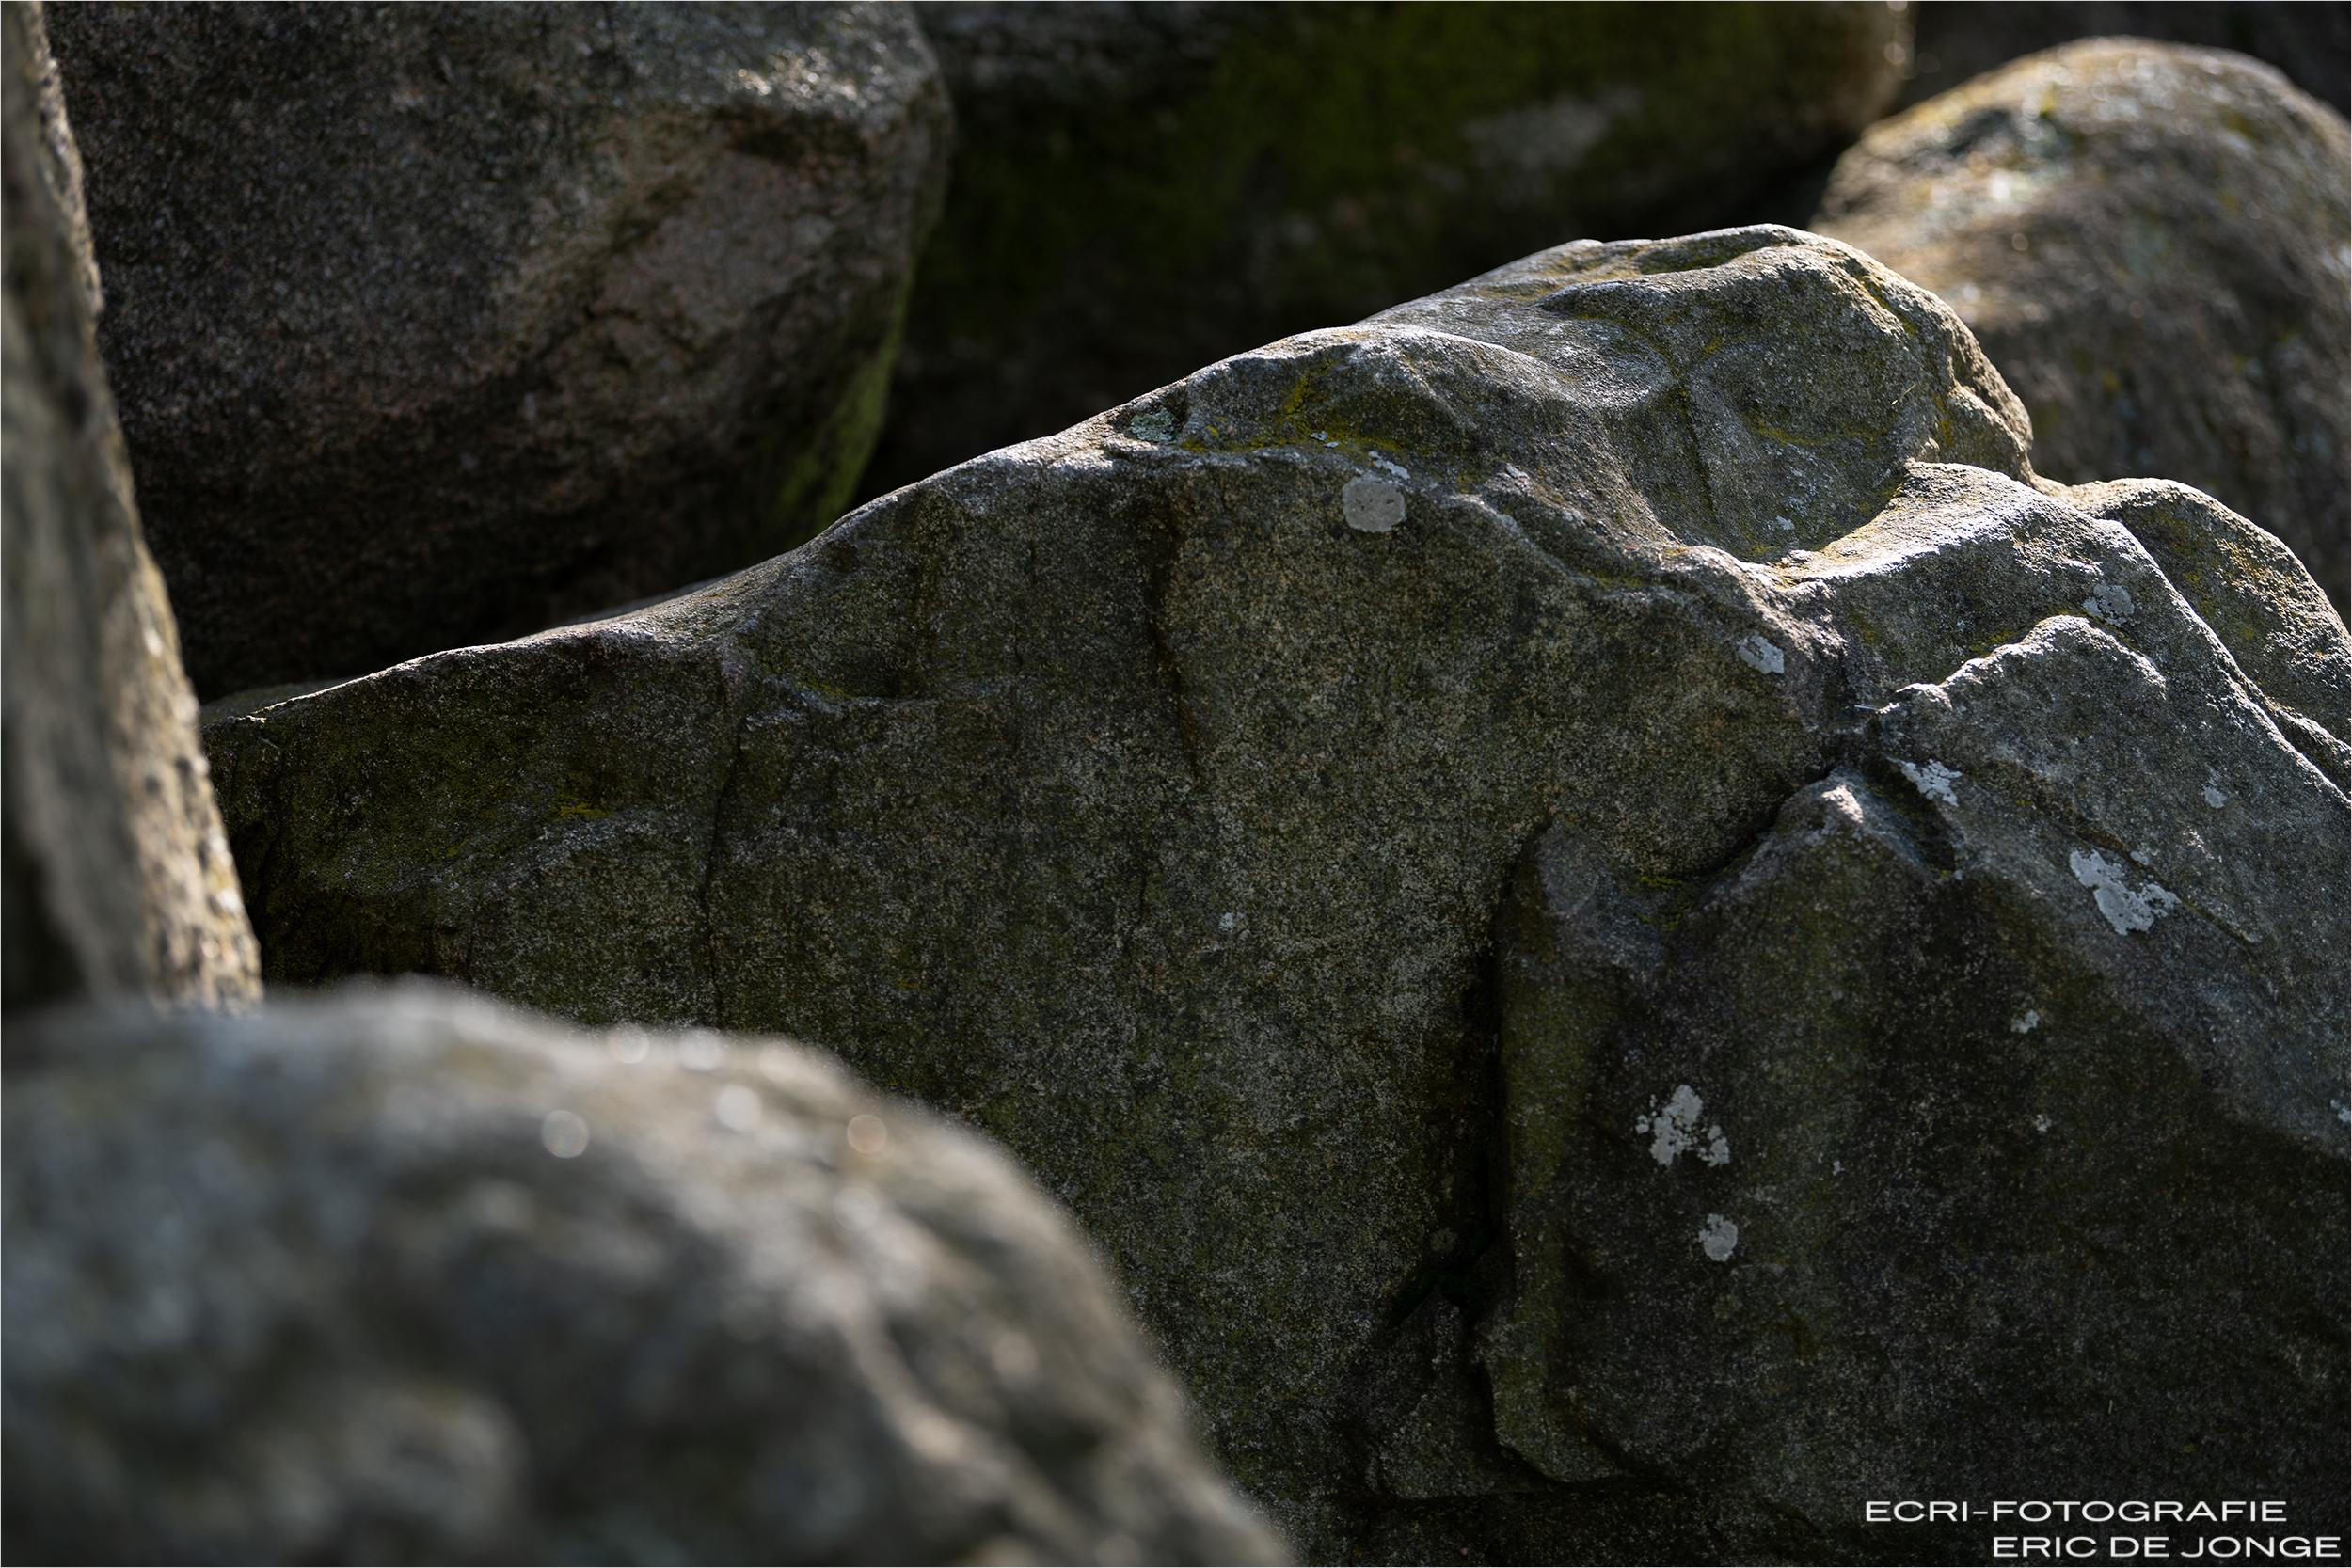 Hunebed Eexterhalte D14, detail, detail hunebed D14, hunebed D14, hBedrijfsfotografie Gieten, Bedrijfsfotograaf Drenthe, fotograaf Gieten, Eric de Jonge Gieten fotograaf, ecri-fotografie Gieten, fotograaf Gieten, stenen D14